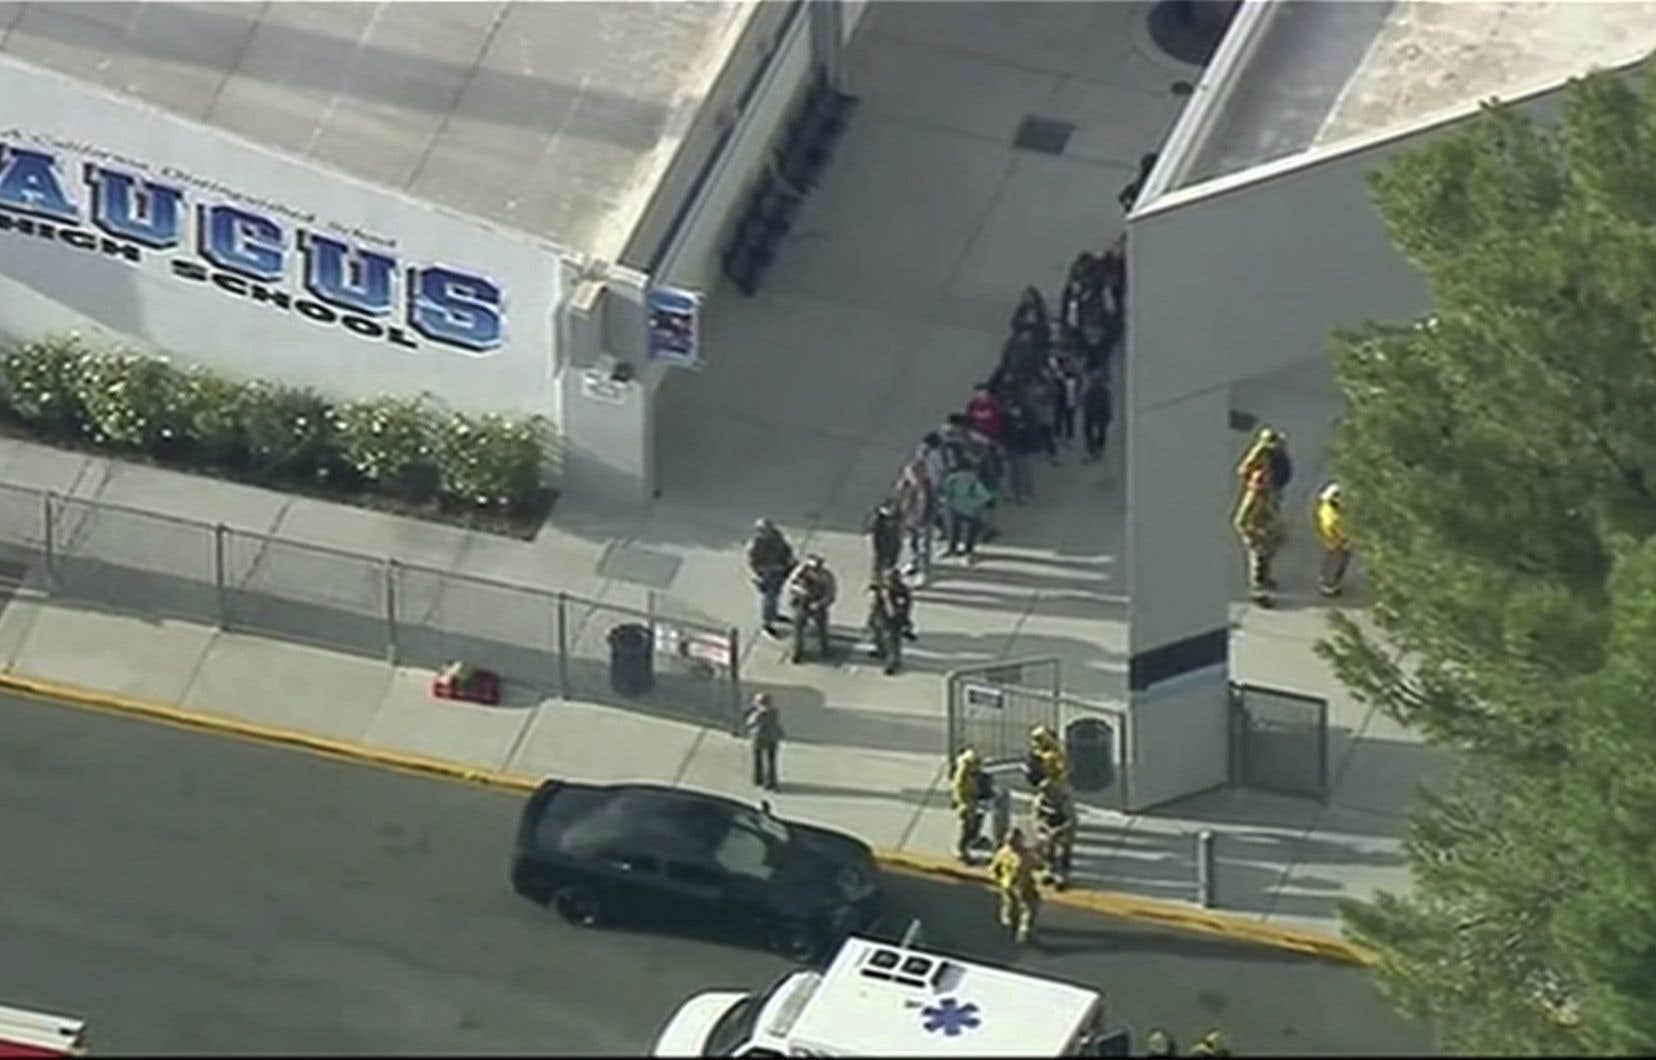 Au moins sept personnes ont été atteintes par balle jeudi après l'irruption d'un tireur à l'école secondaire Saugus, dans la ville de Santa Clarita, non loin de Los Angeles.